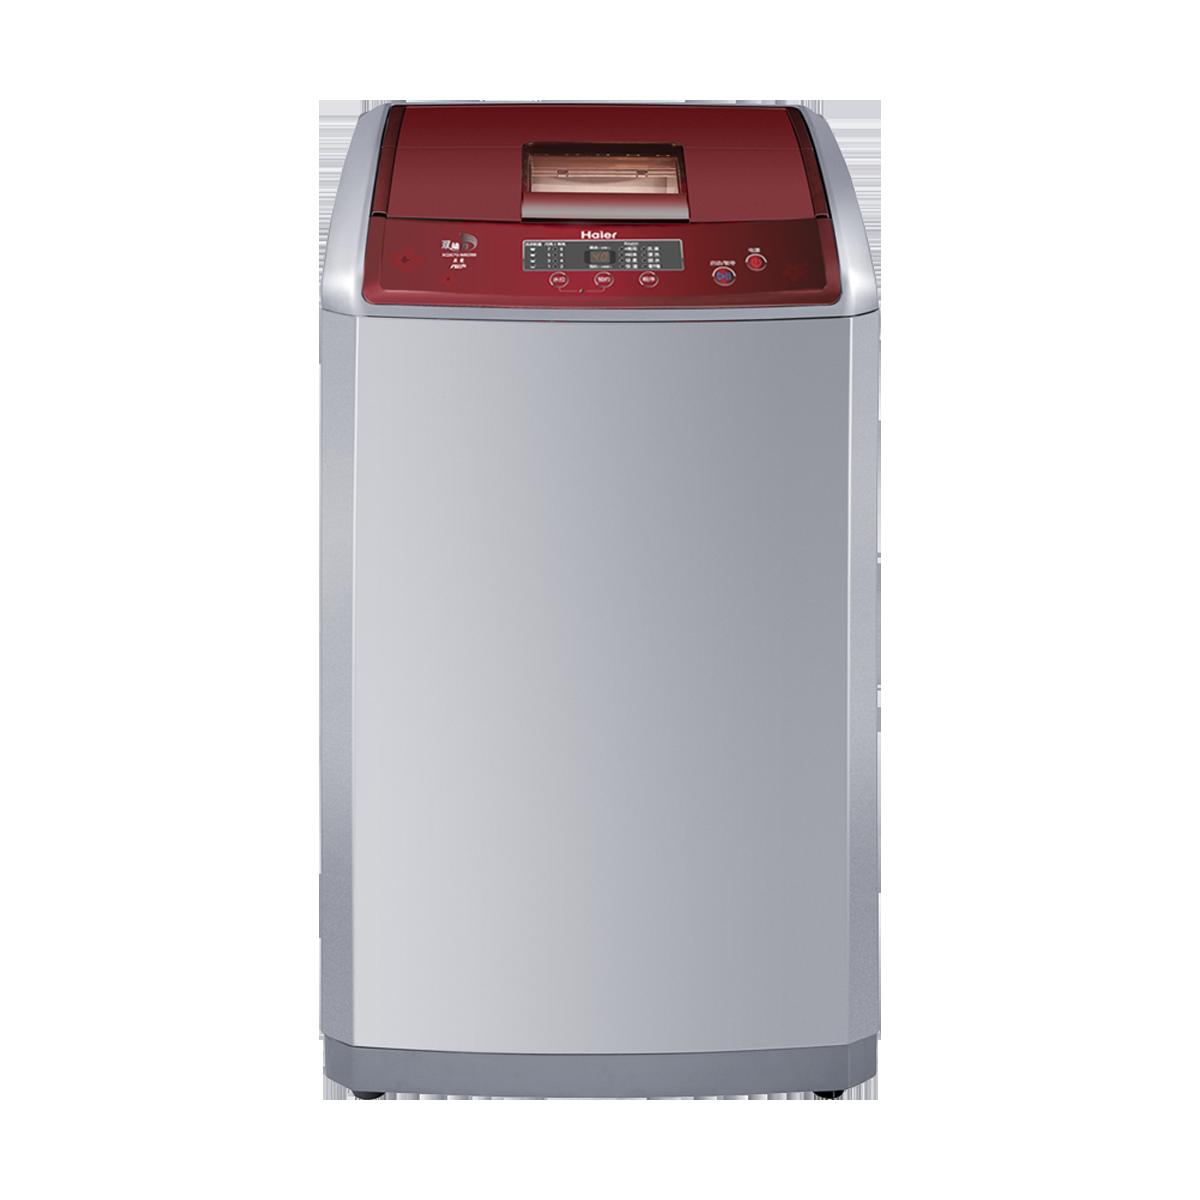 海尔Haier洗衣机 XQS60-M8286 说明书